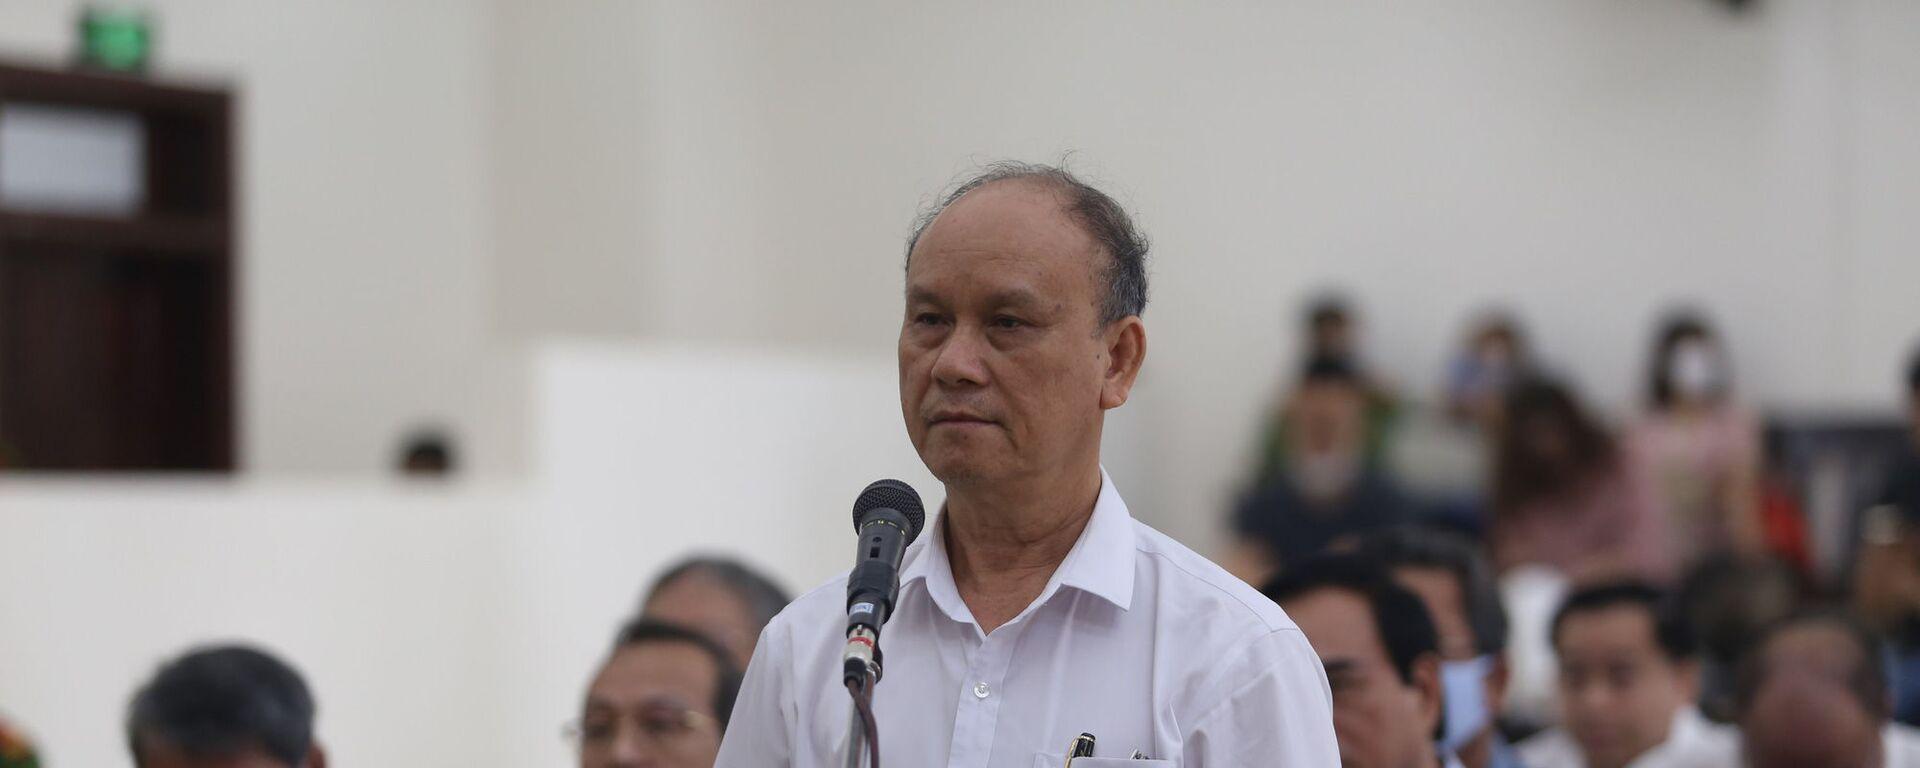 Cựu chủ tịch Trần Văn Minh tại phiên tòa  - Sputnik Việt Nam, 1920, 12.05.2020